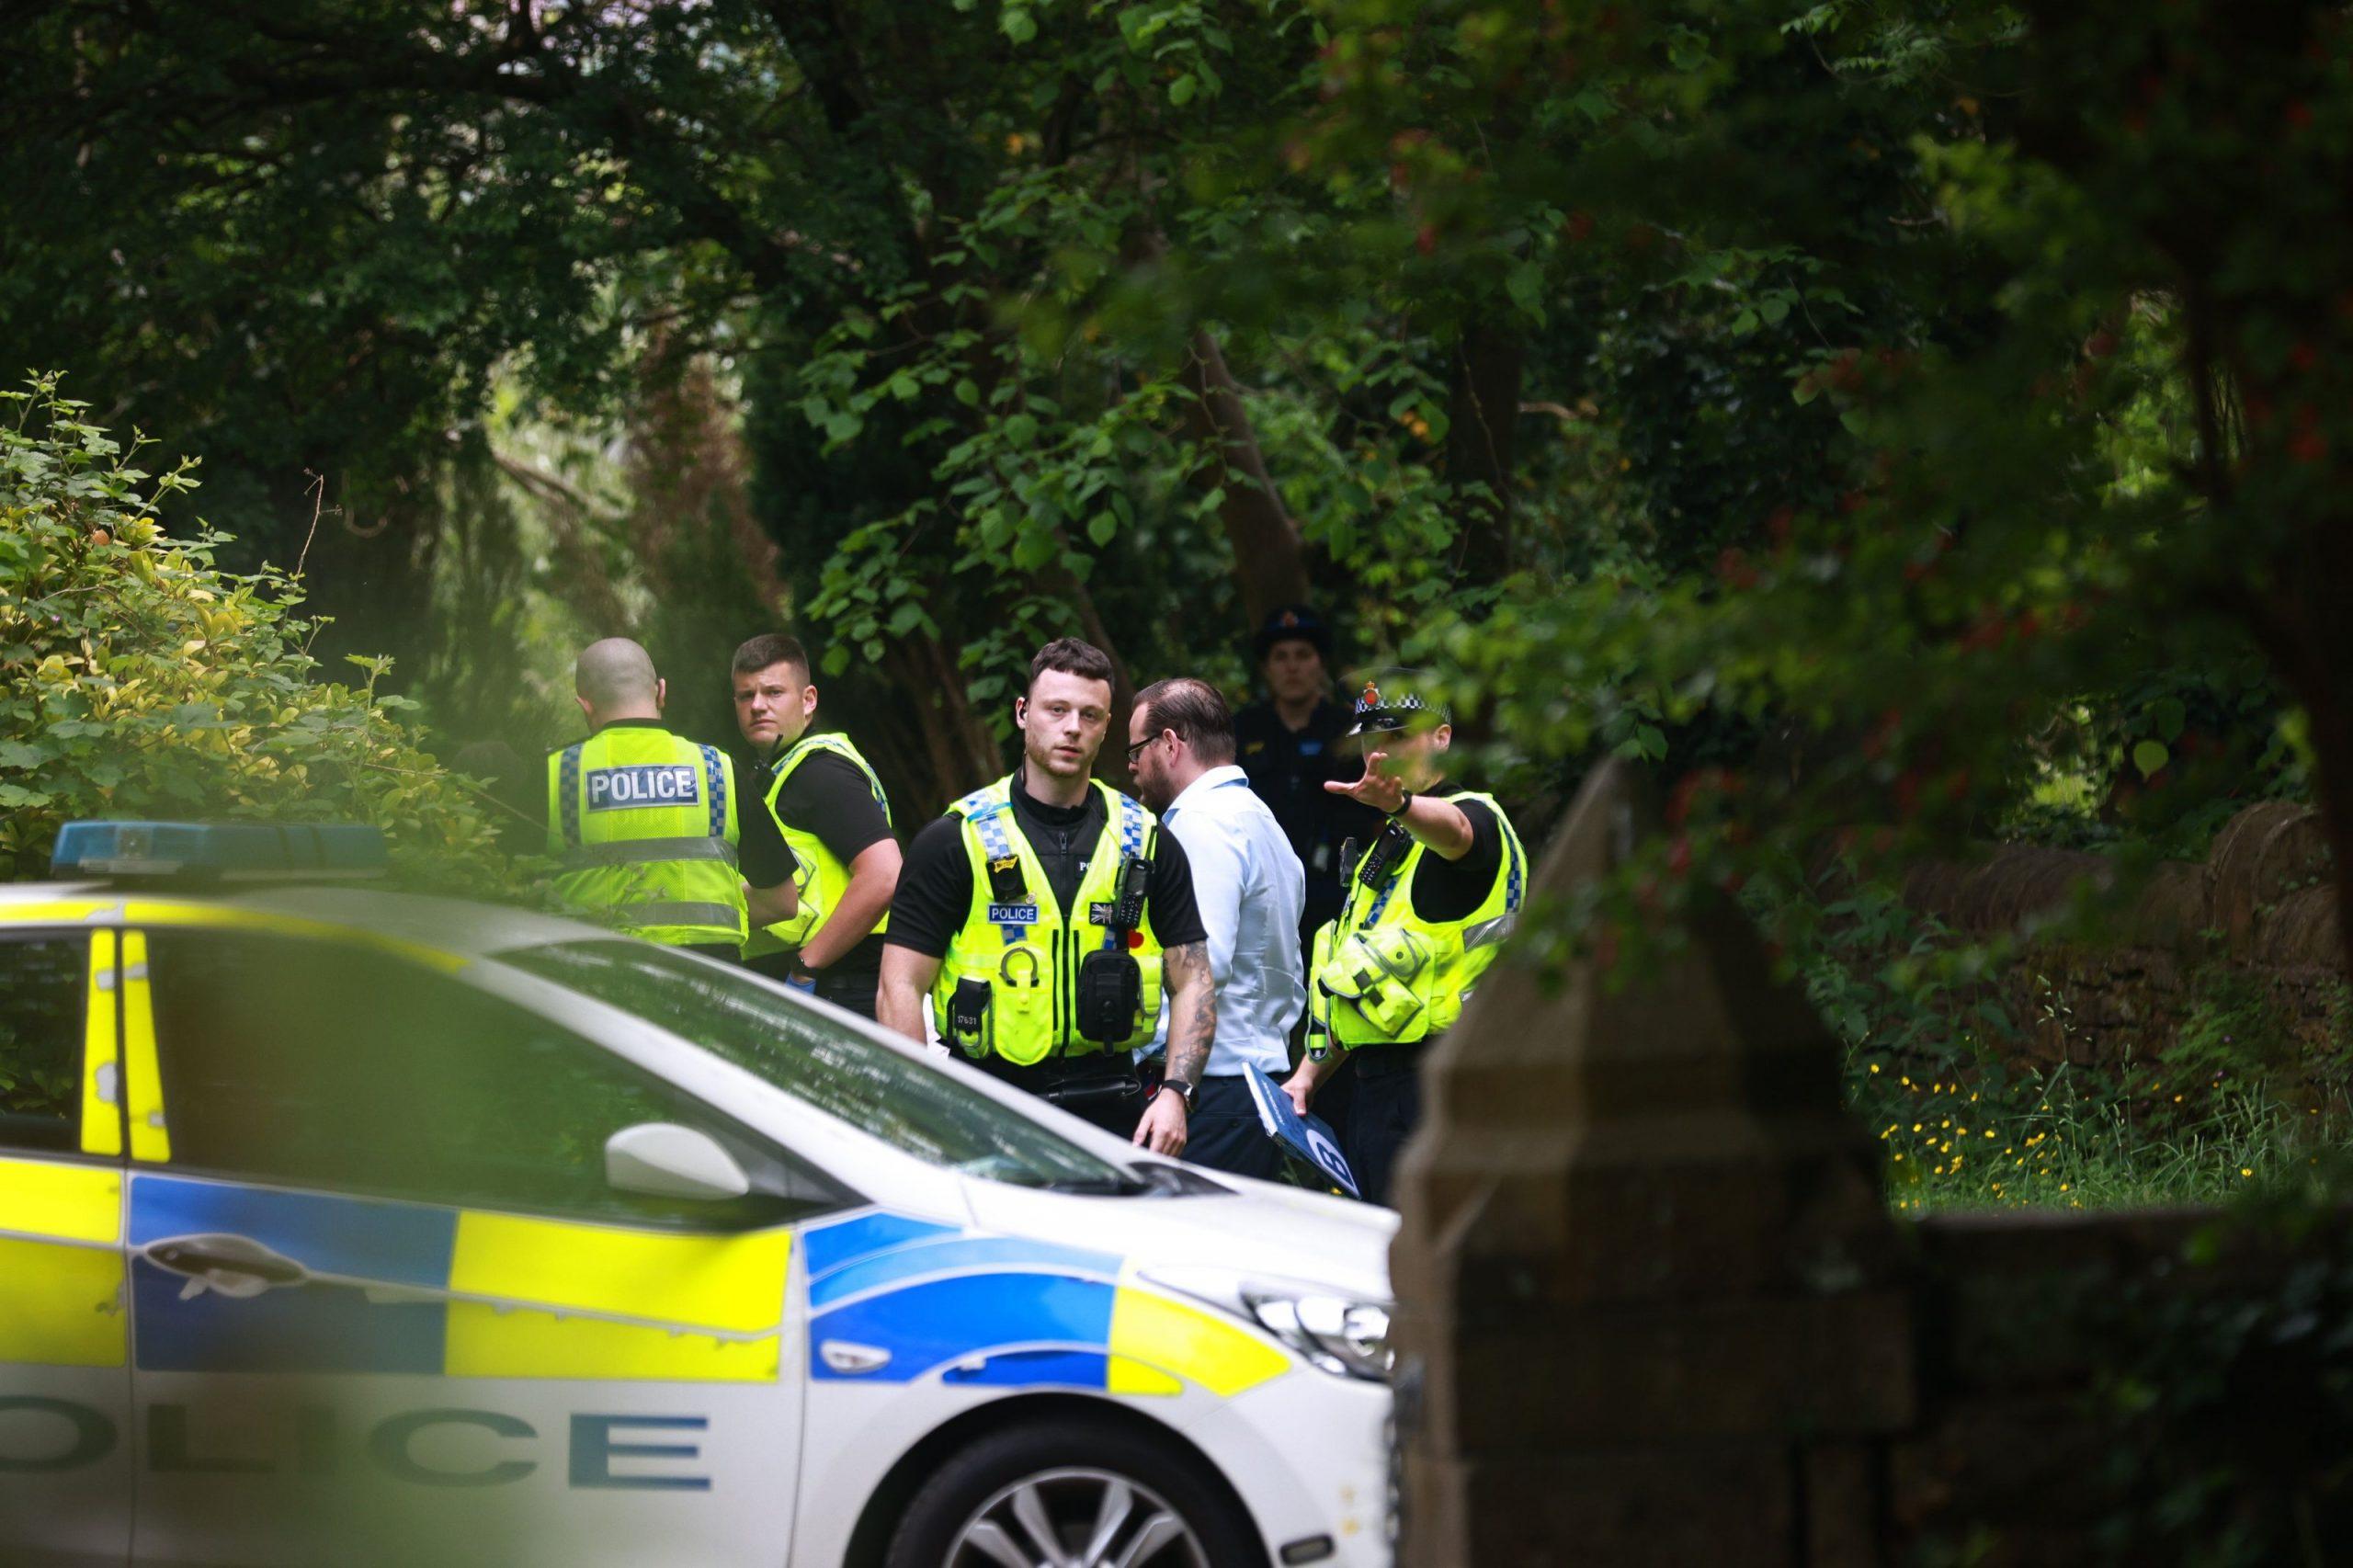 Poliţie Manchester